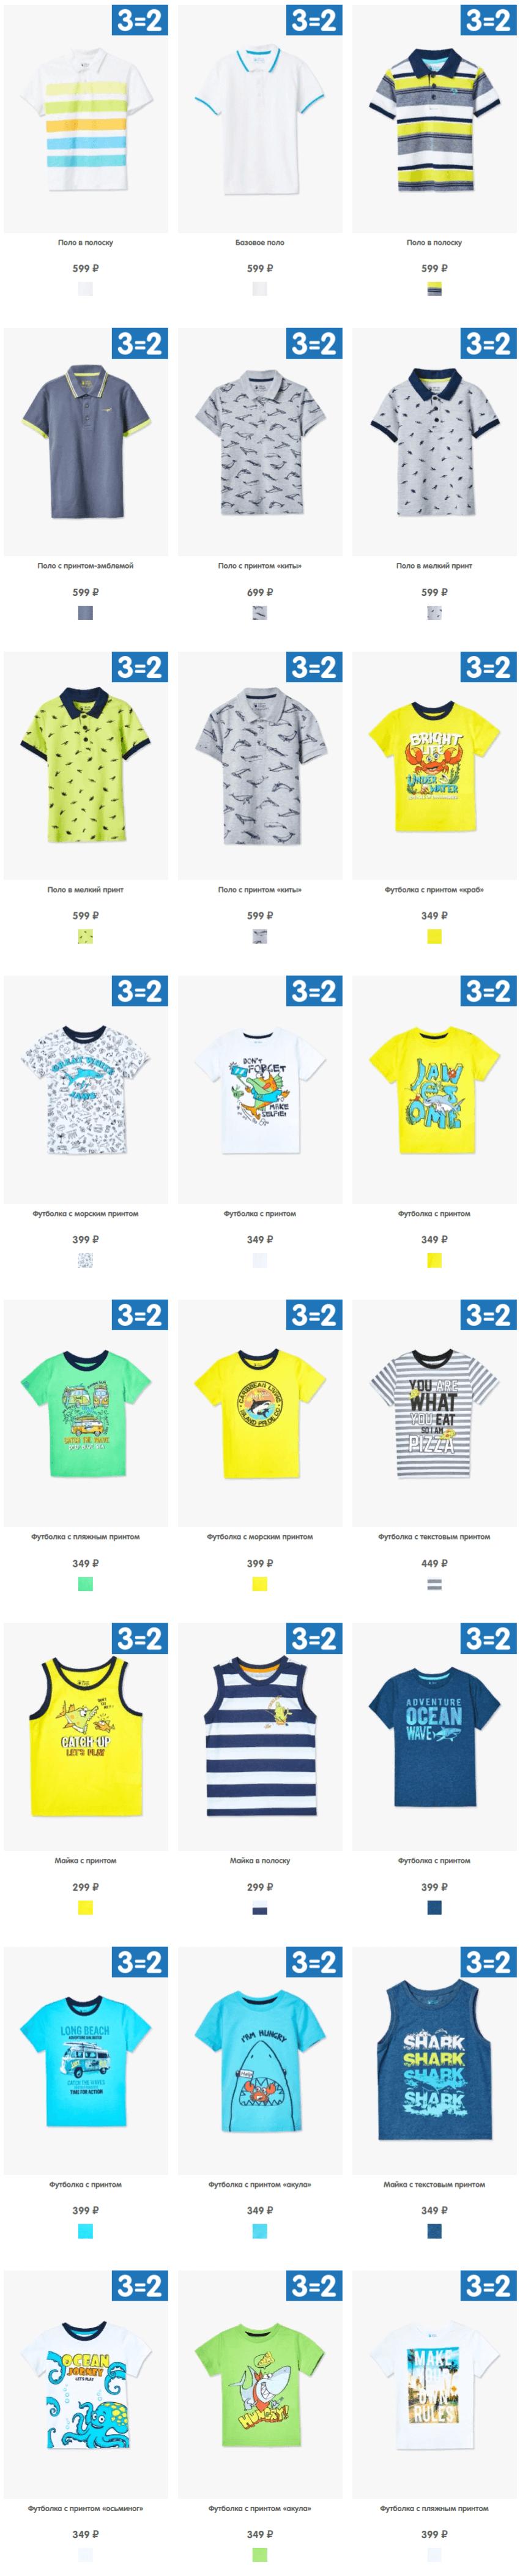 Фандэй футболки для мальчиков